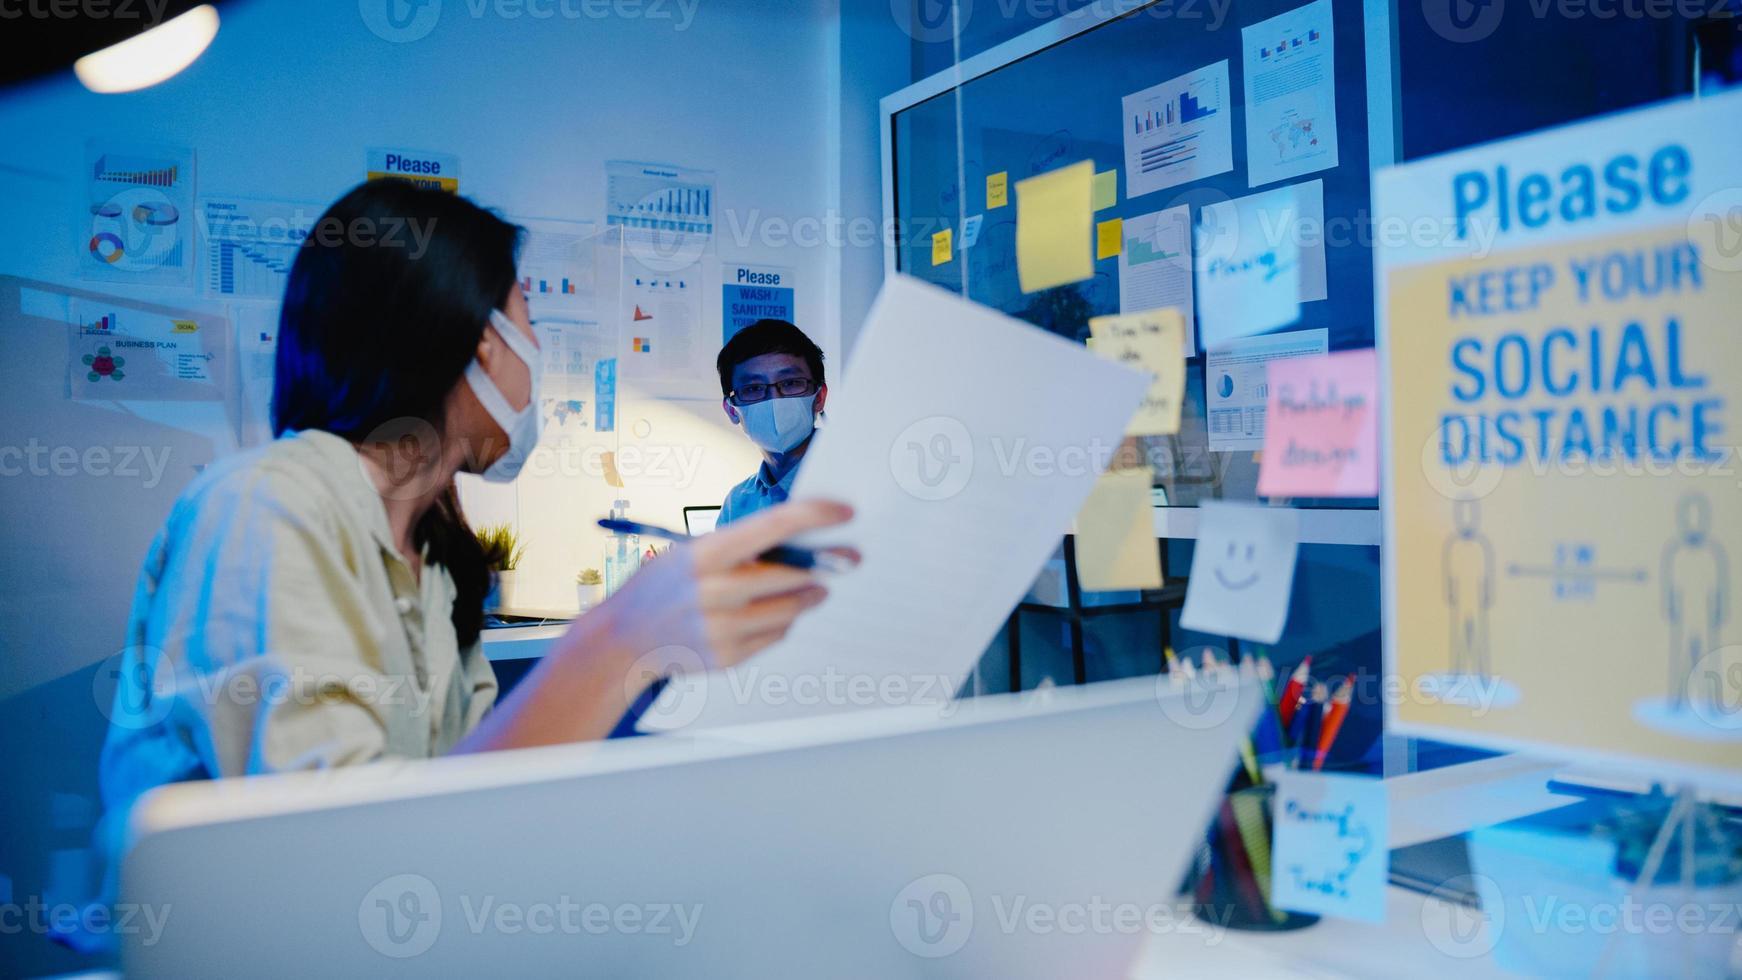 gelukkige zakenvrouw in Azië draagt gezichtsmasker voor sociale afstand in nieuwe normale situatie voor viruspreventie tijdens het bespreken van zakelijke brainstormbijeenkomsten samen delen gegevens terug op het werk in de kantoornacht foto